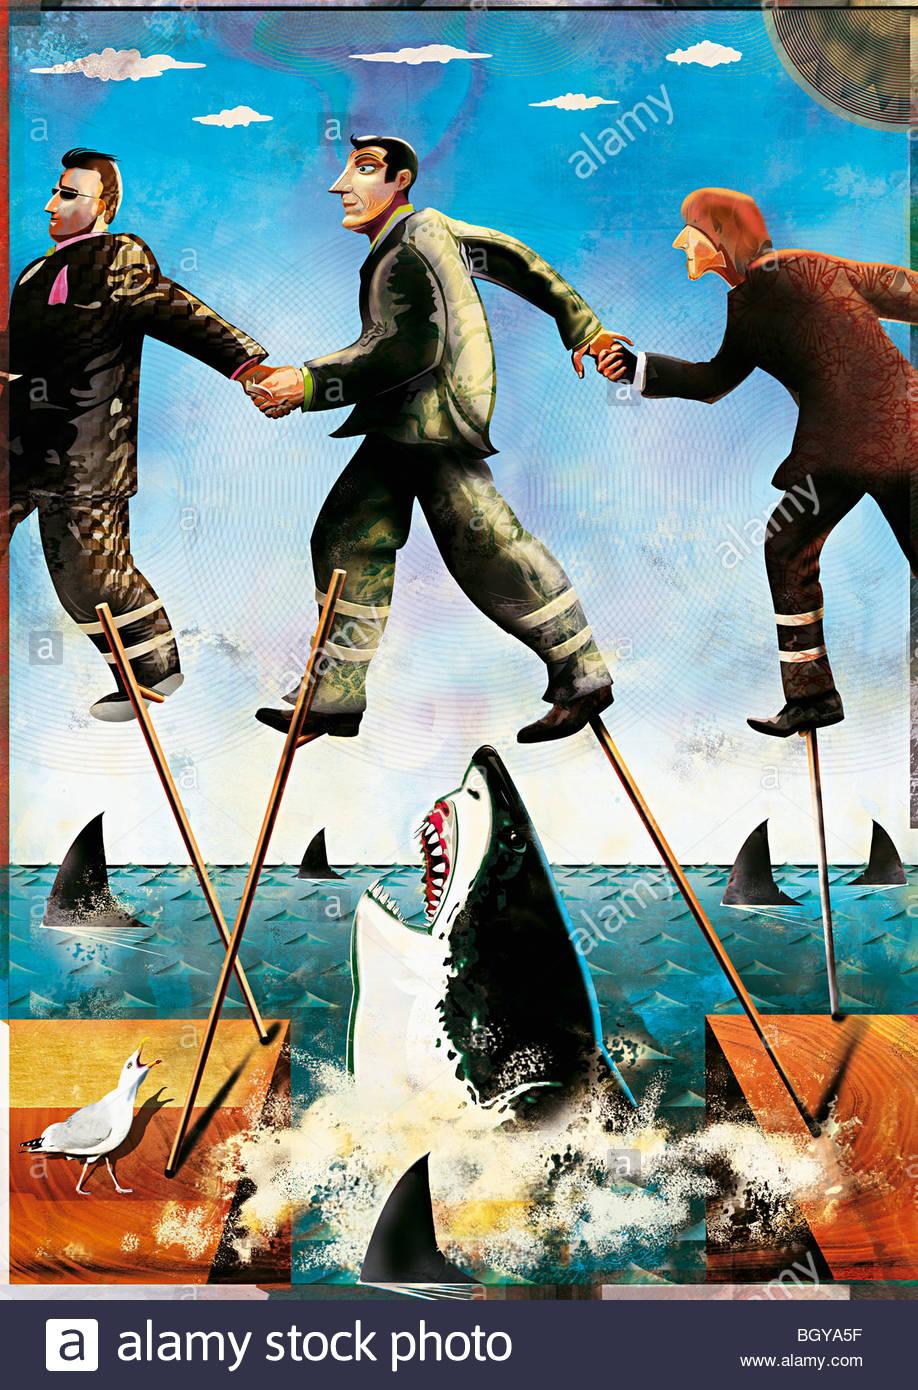 Geschäftsleute auf Stelzen zu Fuß durch Hai-verseuchten Gewässern Stockbild